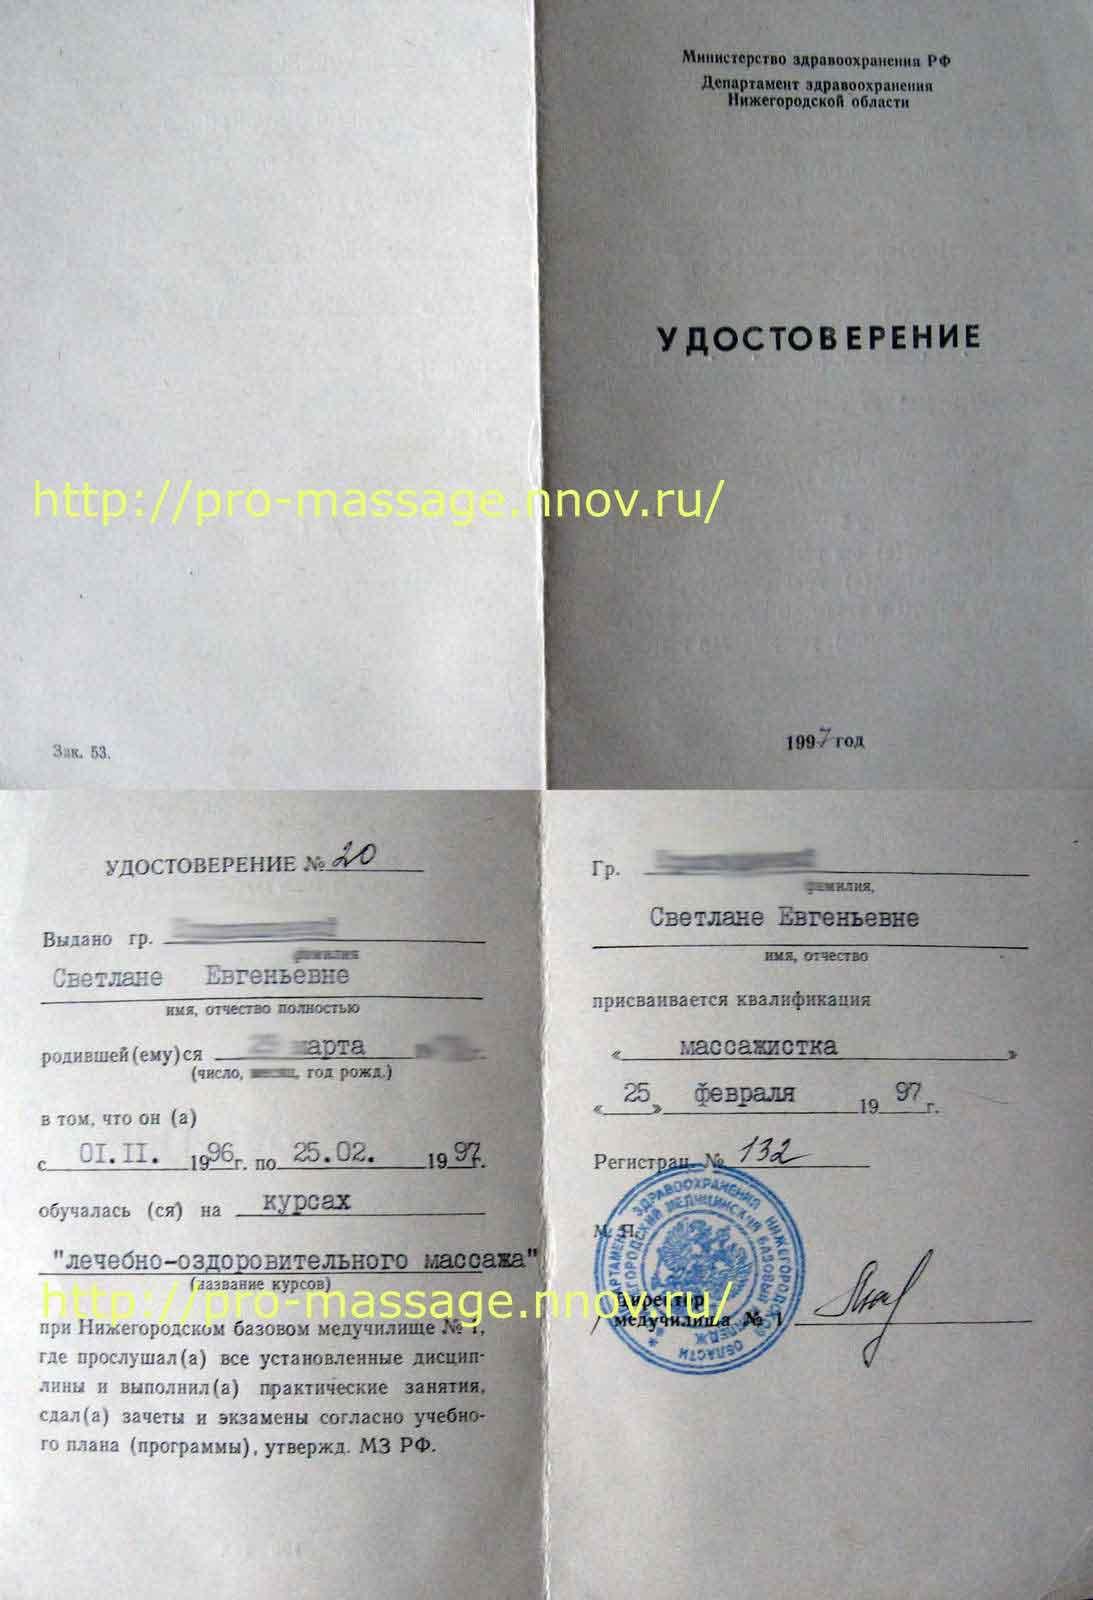 Как купить диплом о высшем образовании с занесением в реестр челябинск